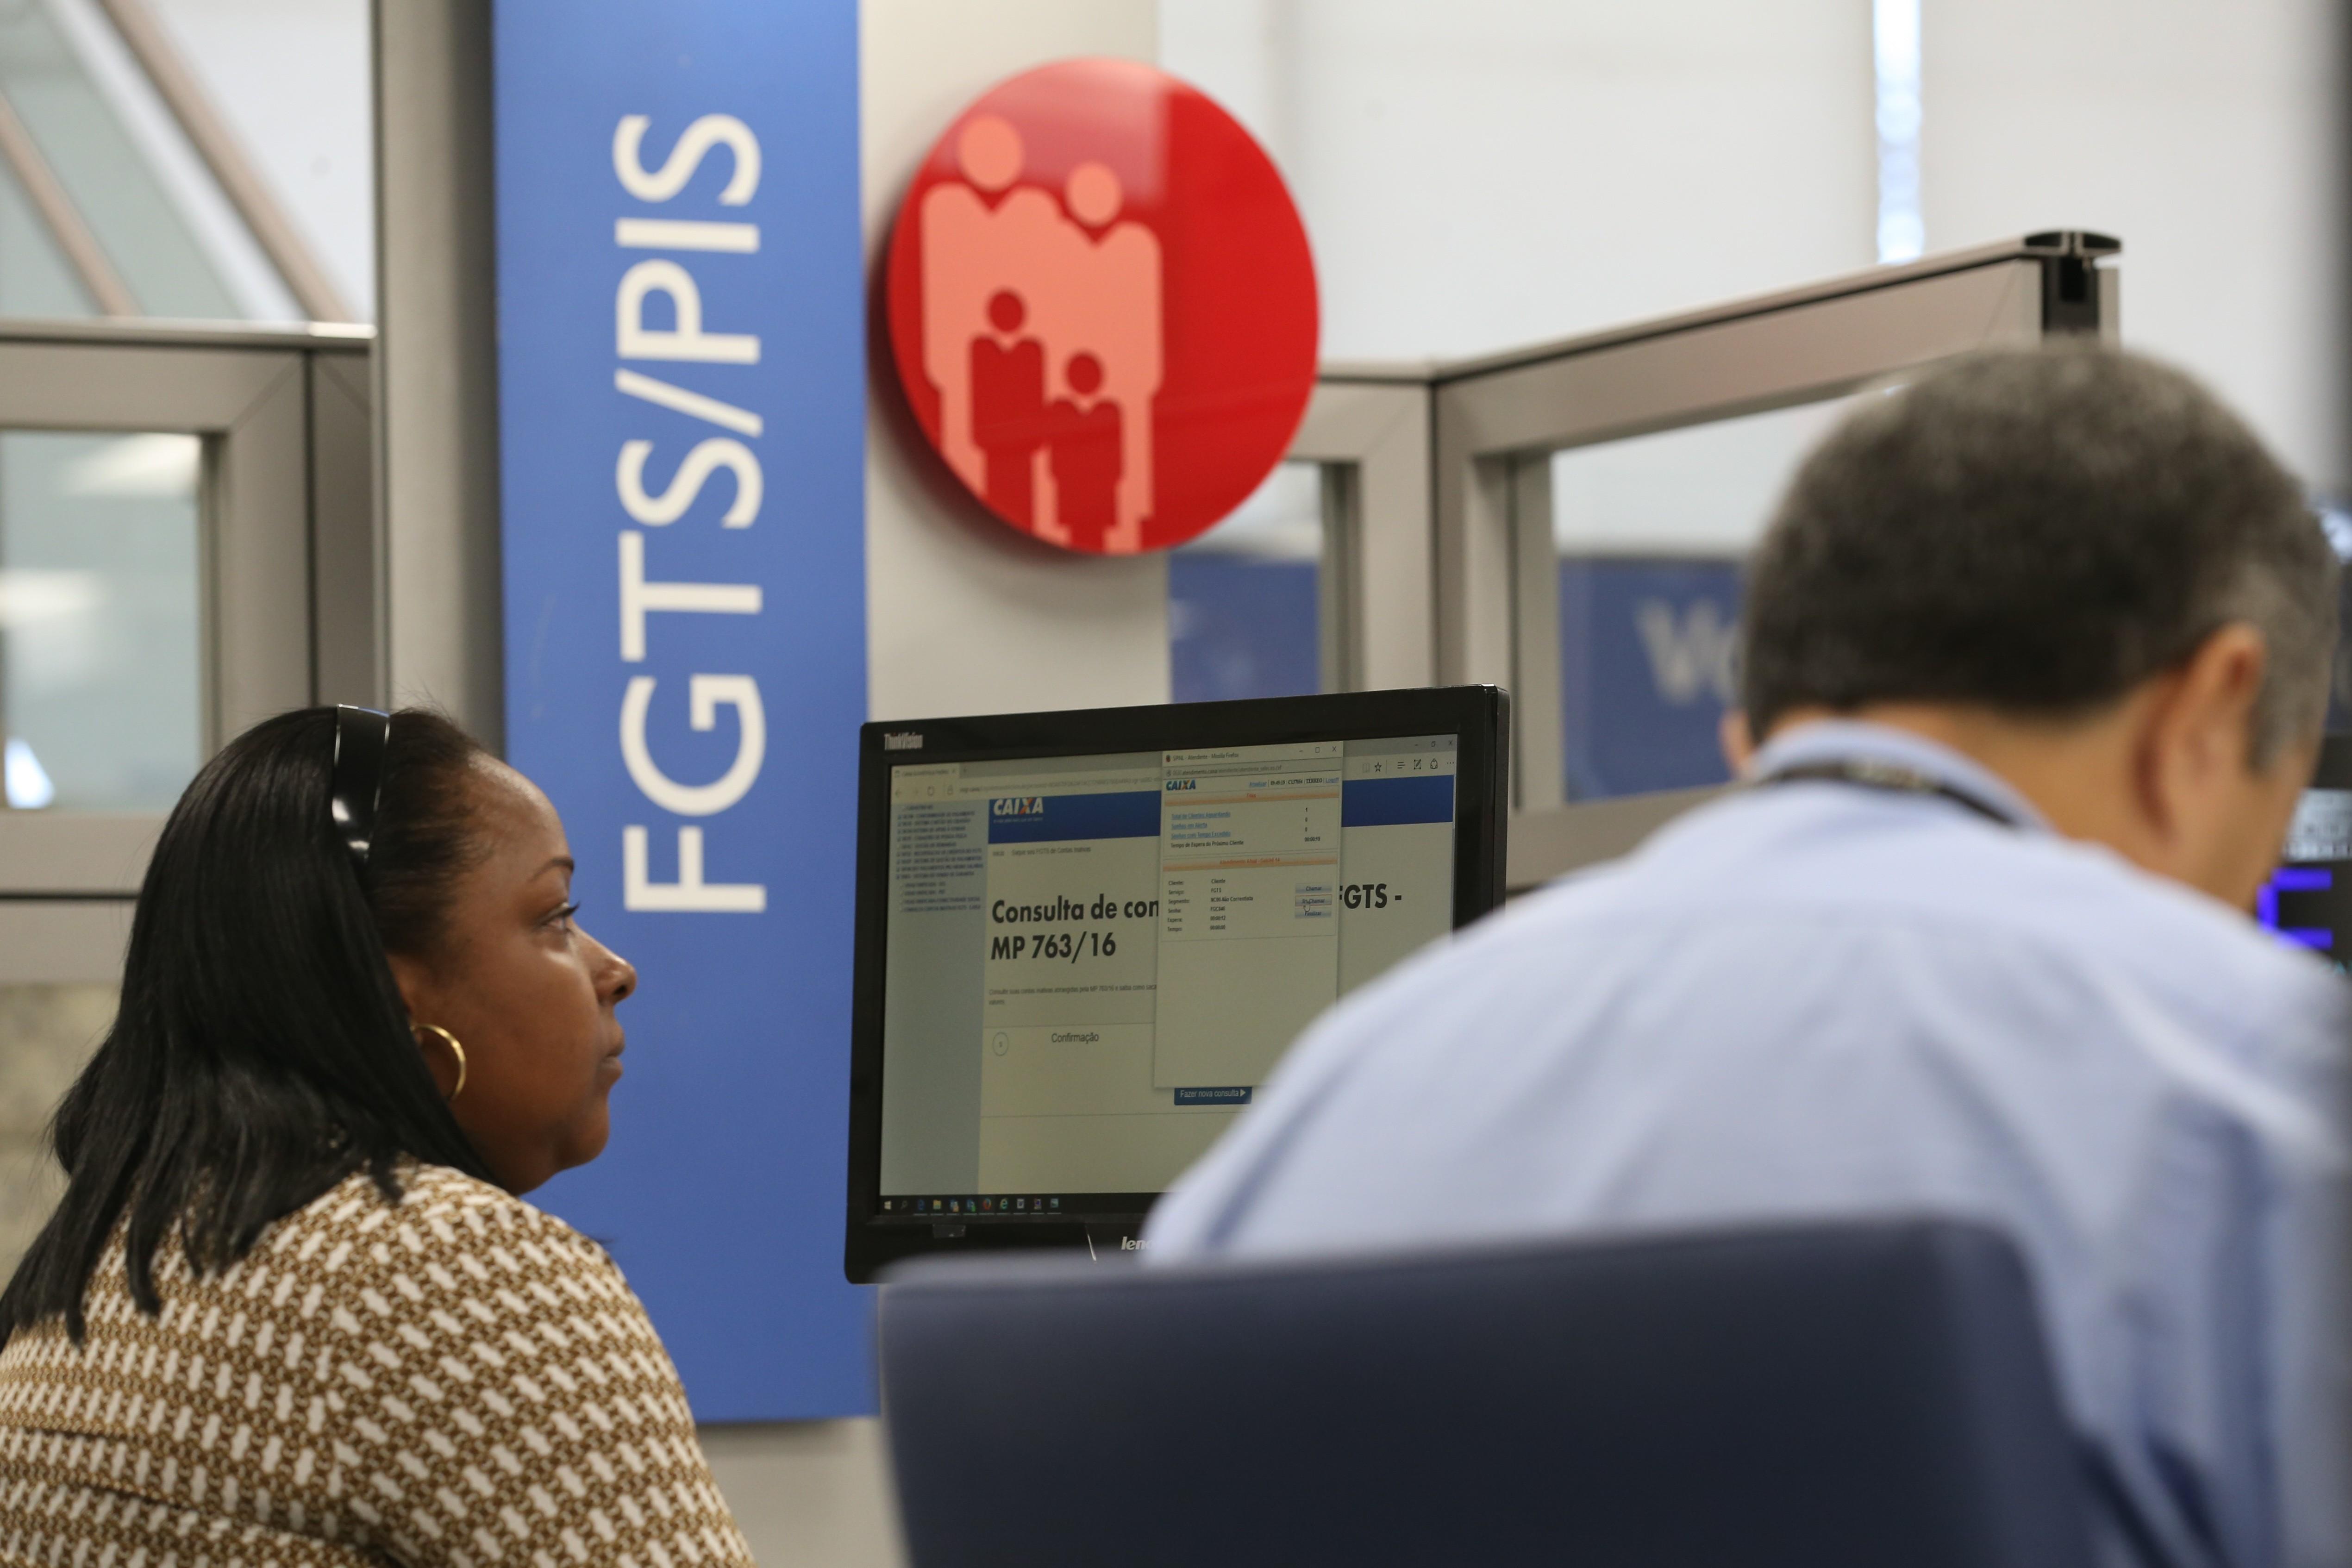 Agências da Caixa na PB abrem 2 horas mais cedo até esta terça para saques de contas do FGTS - Notícias - Plantão Diário